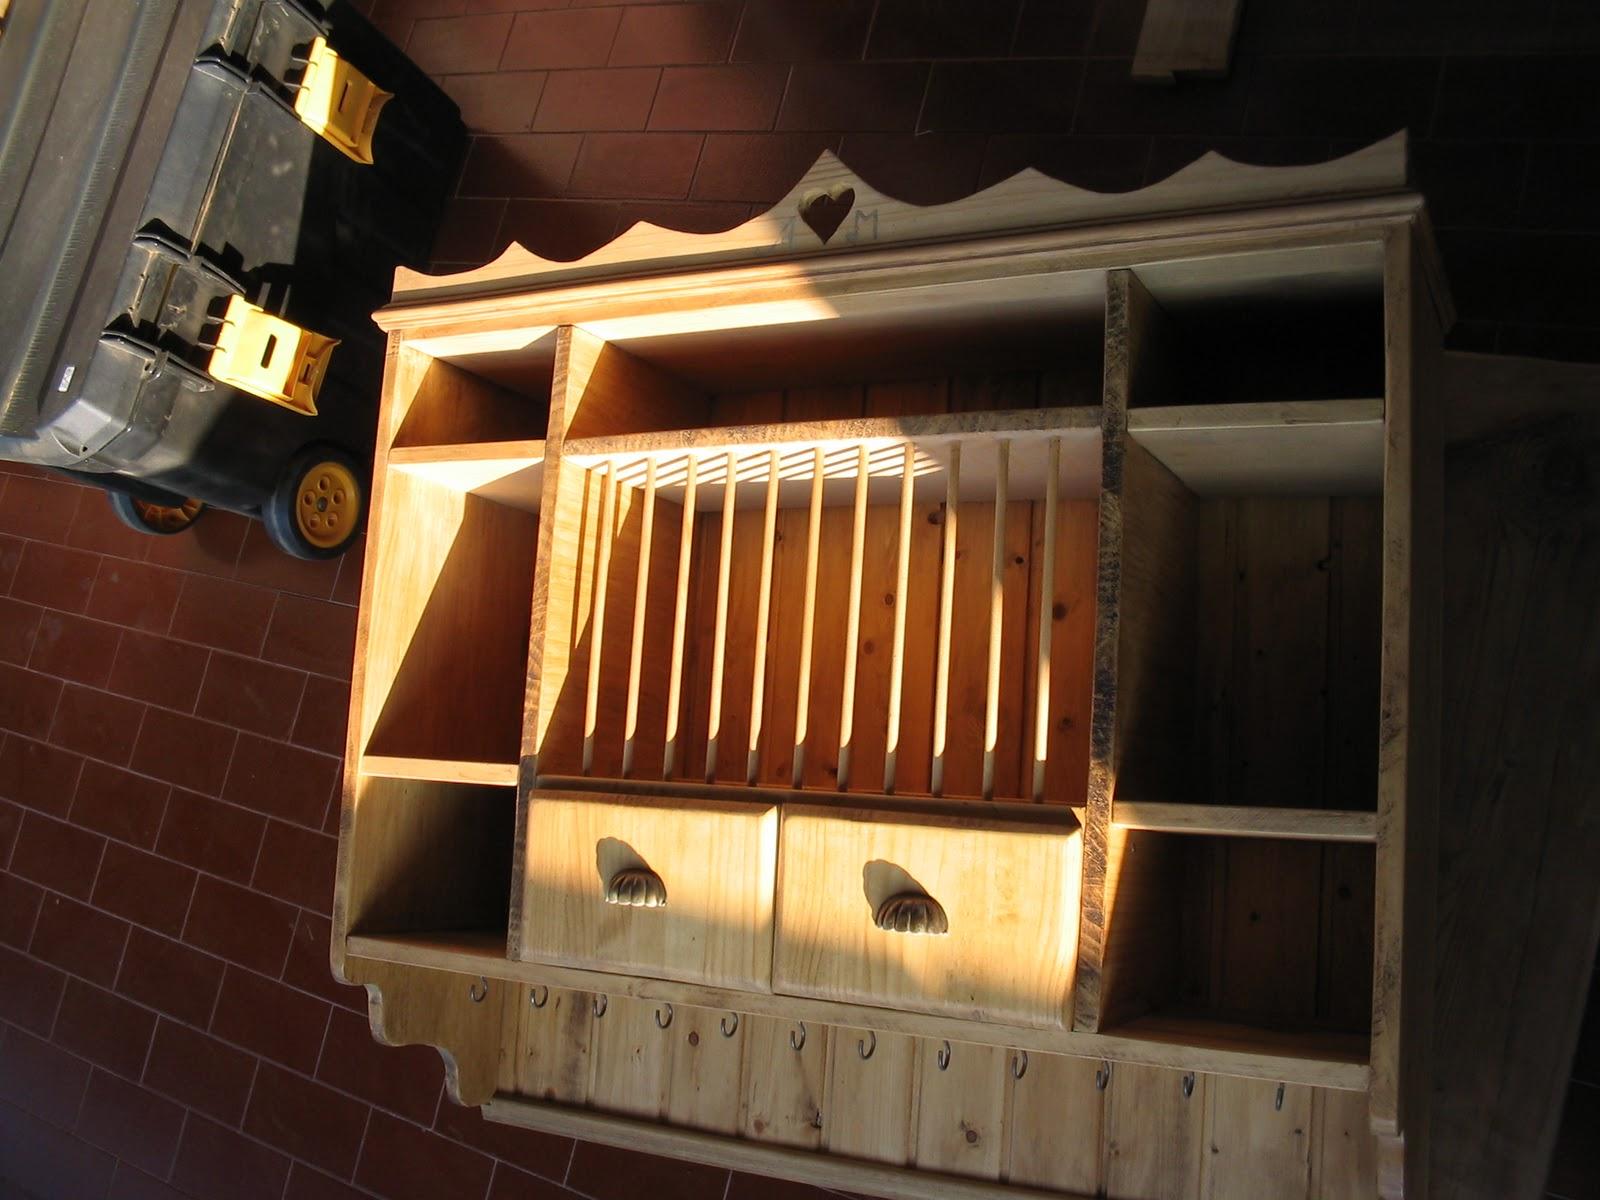 lámparas de teja mueble vitrina hecho de madera a mano más